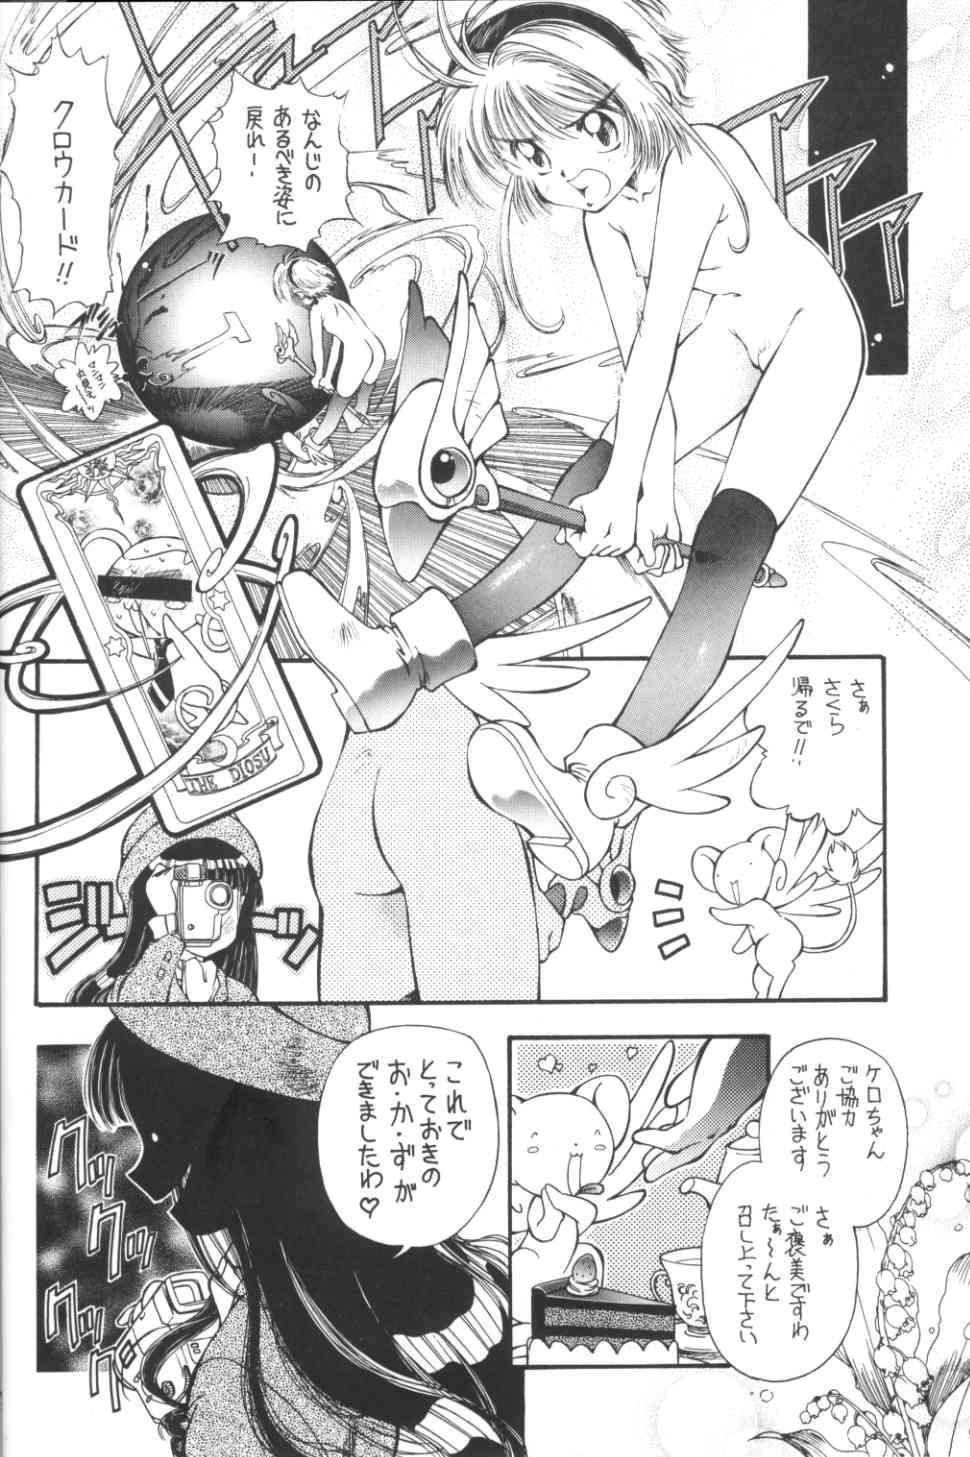 Sakura Zensen Juudan Naka! 1+2 Soushuu 11